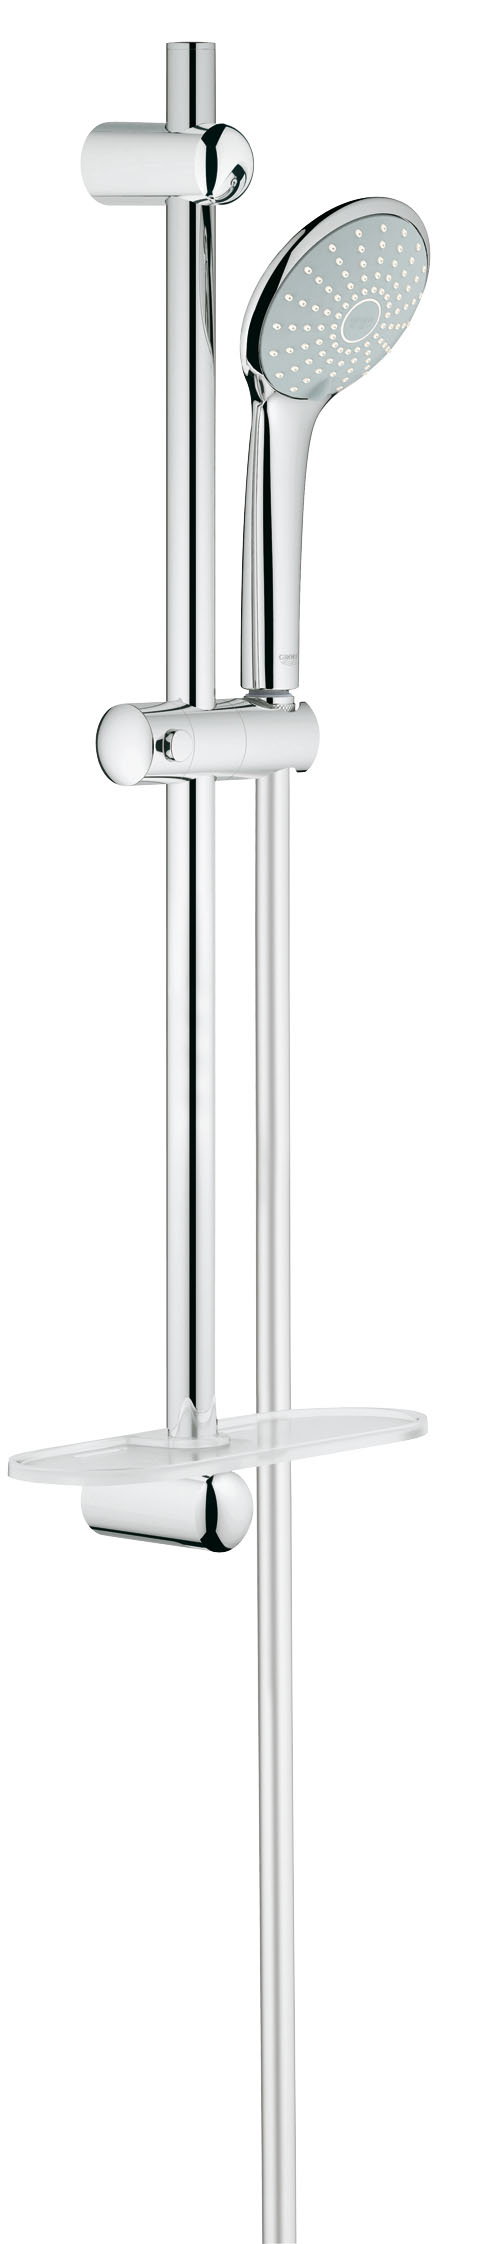 Комплект душевой Grohe Euphoria eco 27230001 grohe душевой гарнитур grohe euphoria cube stick 27700000